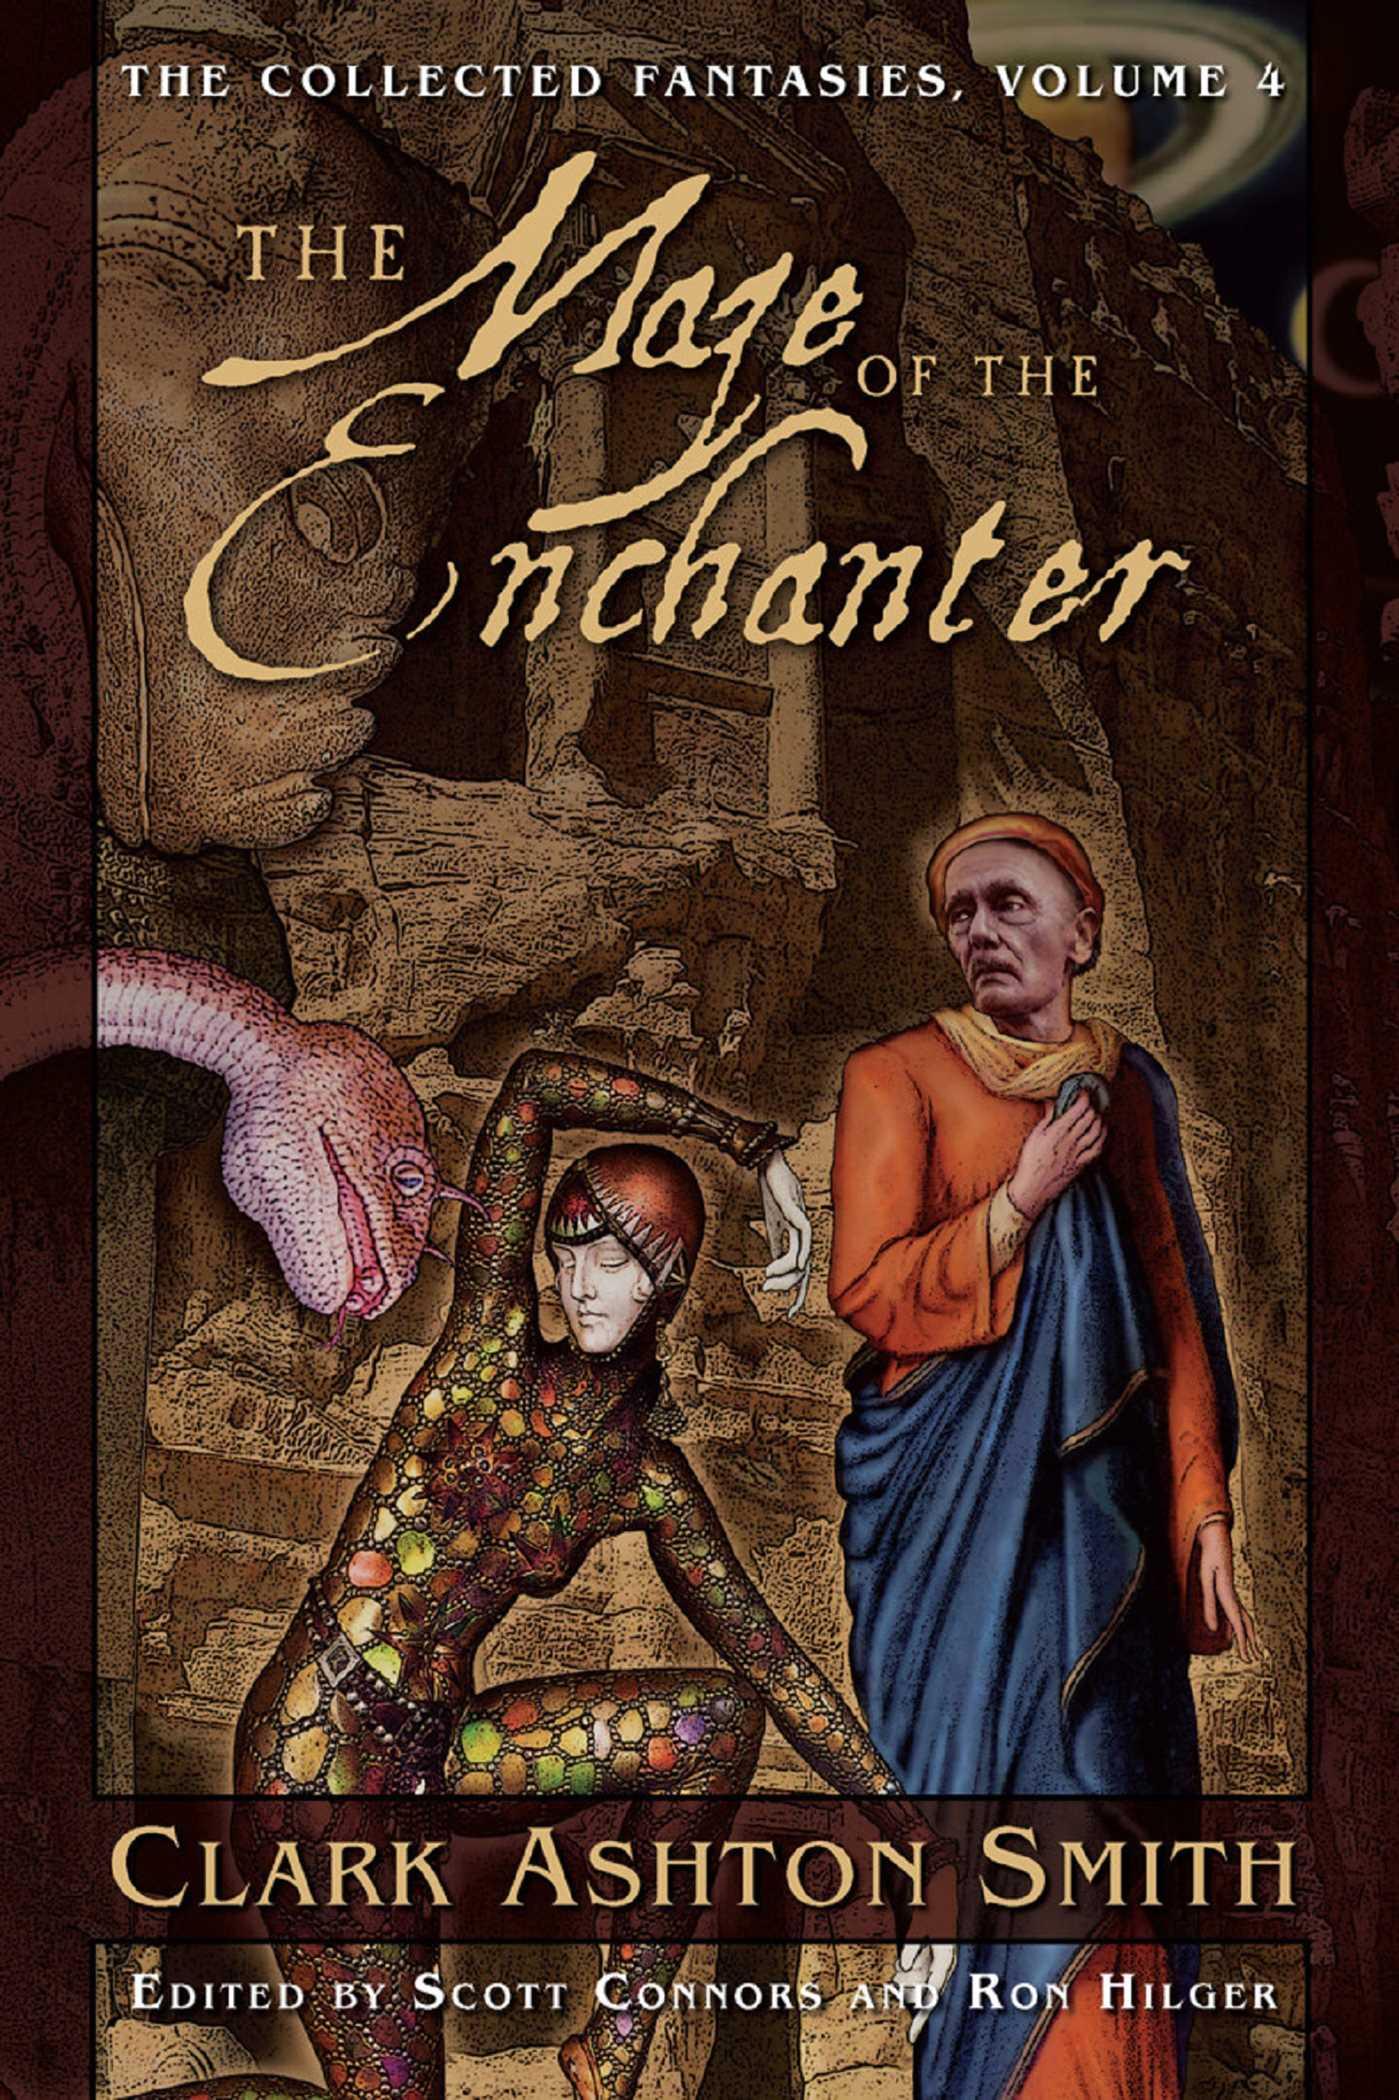 Collected Fantasies of Clark Ashton Smith: The Maze of the Enchanter